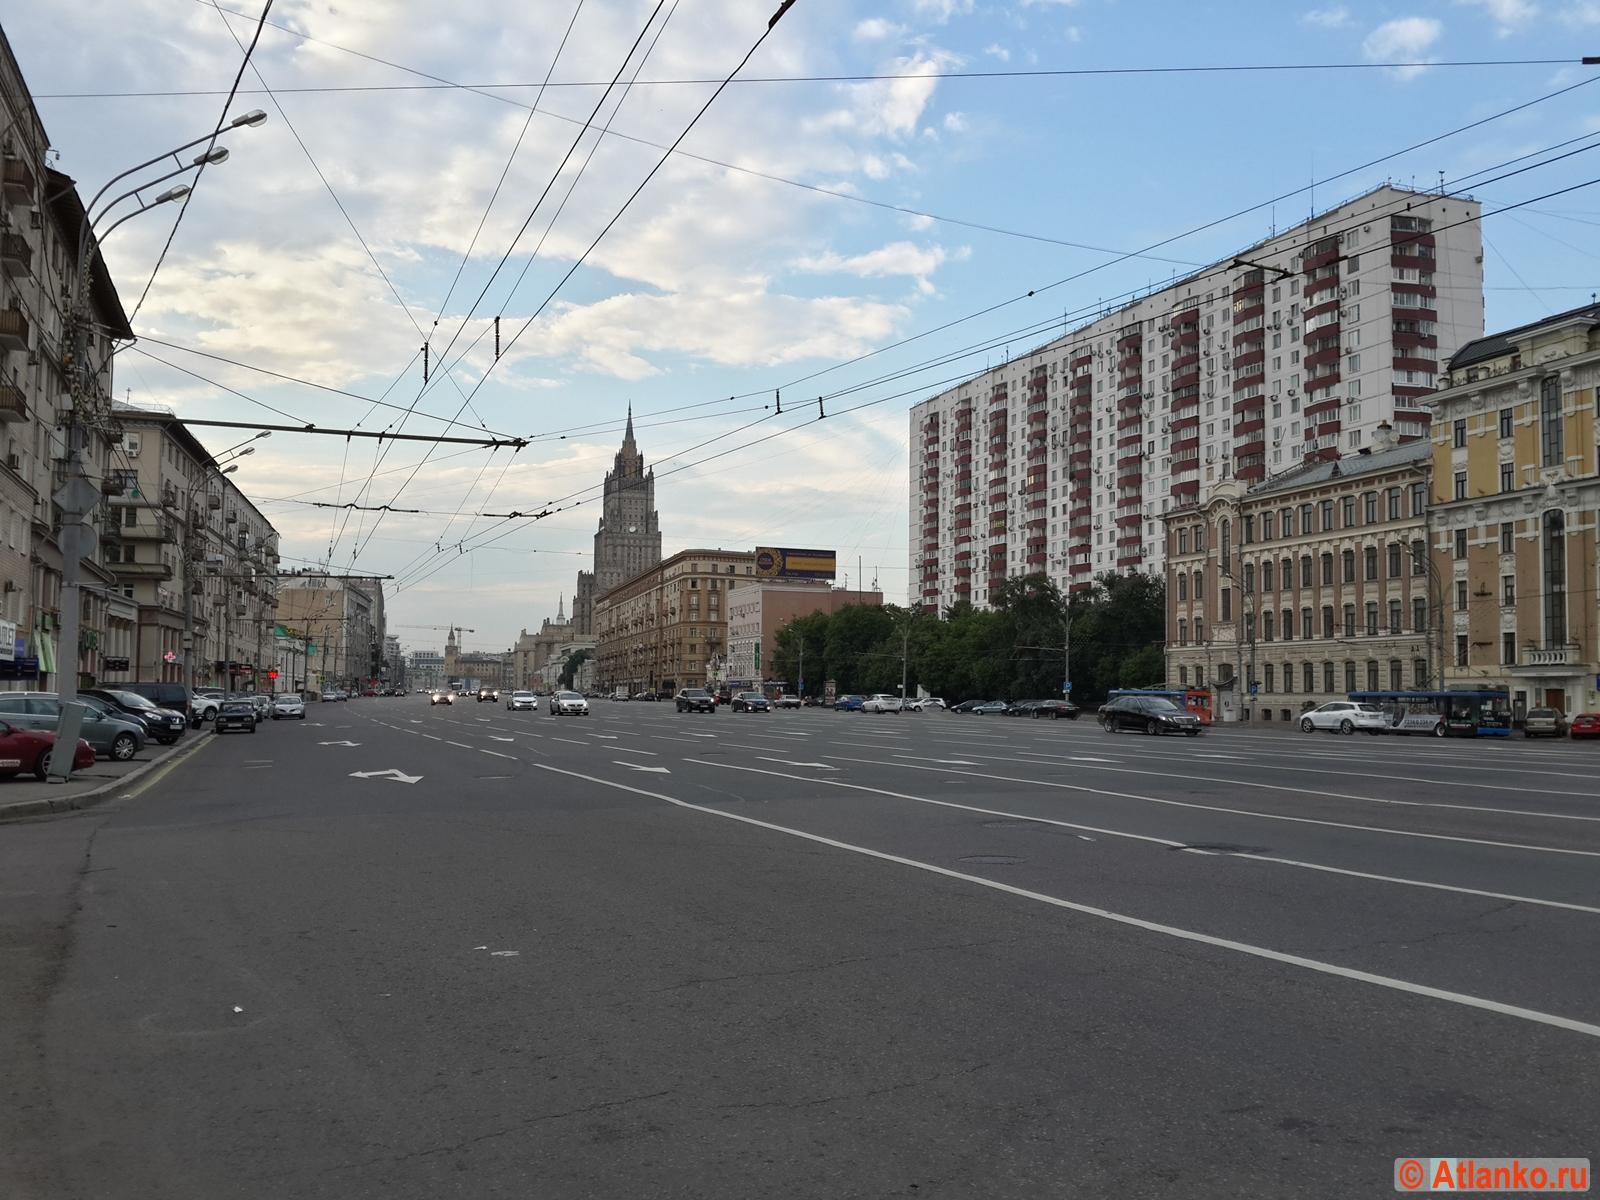 Смоленский бульвар в столице России. Москва. Фотография